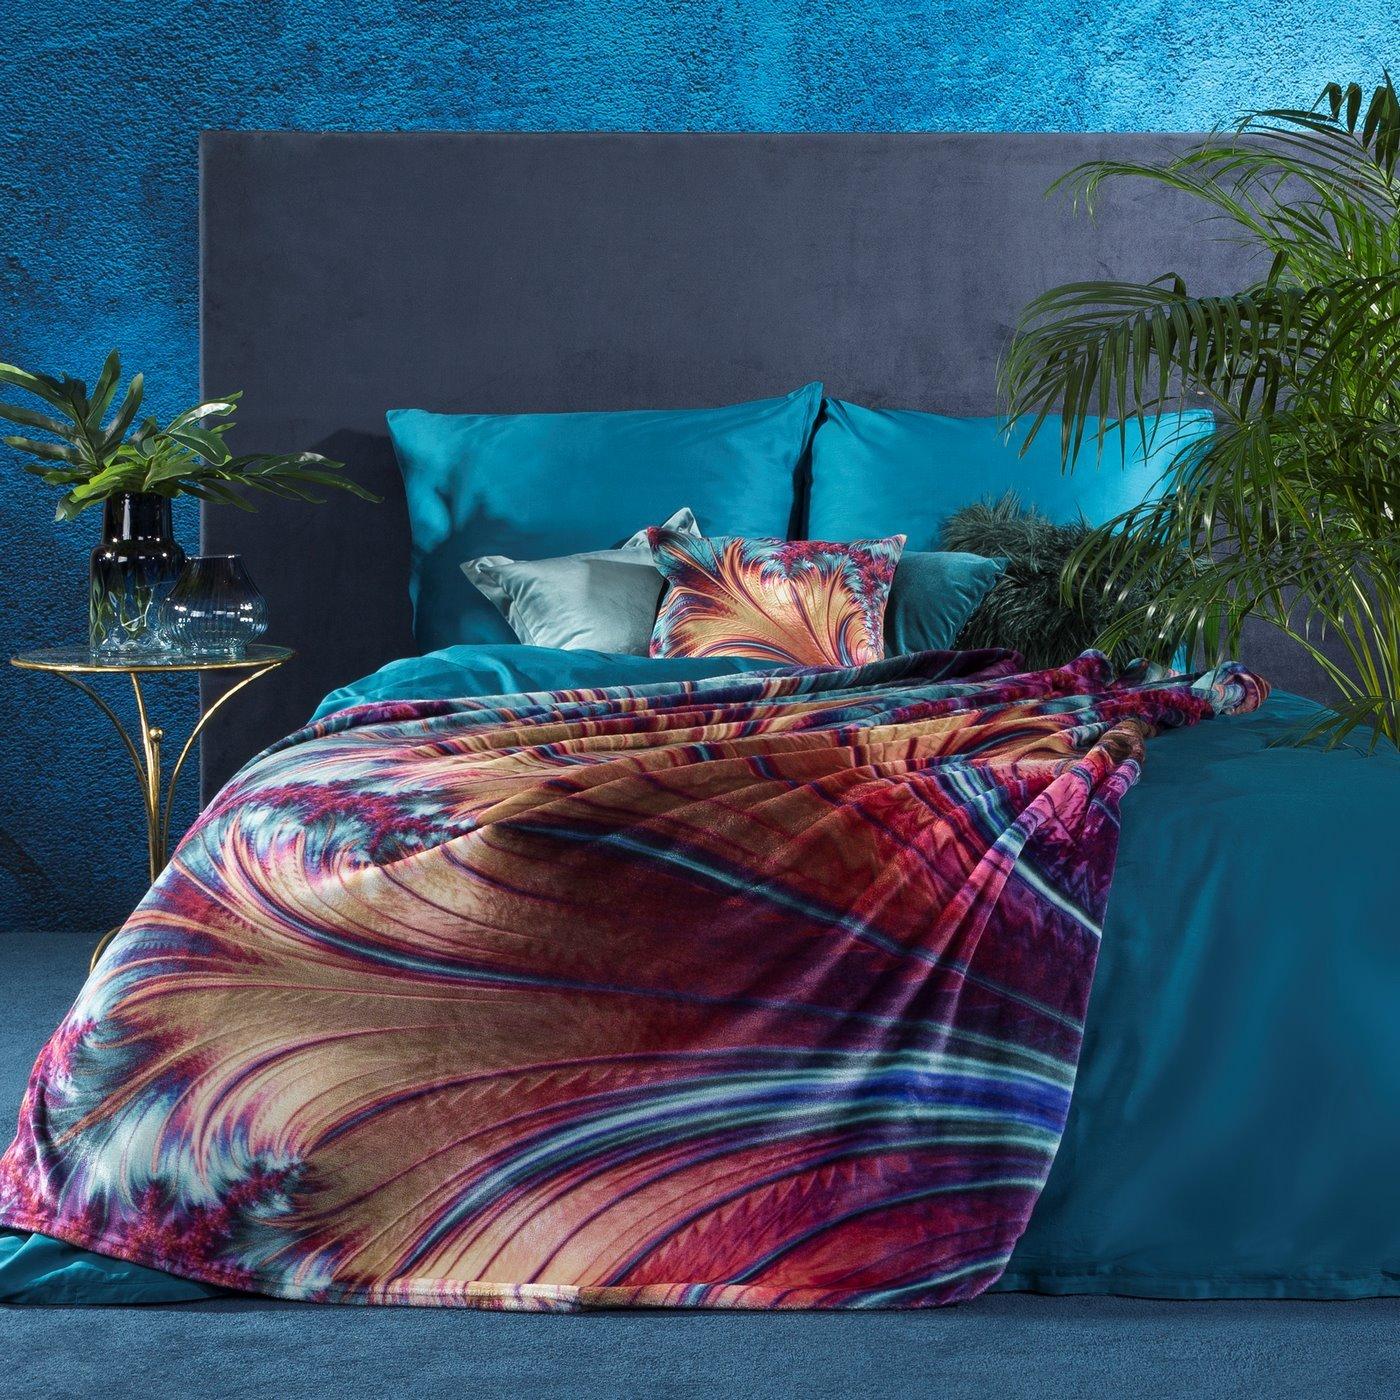 Ekskluzywny miękki koc - mój wybór Eva Minge - 150x200 fiolet i turkus